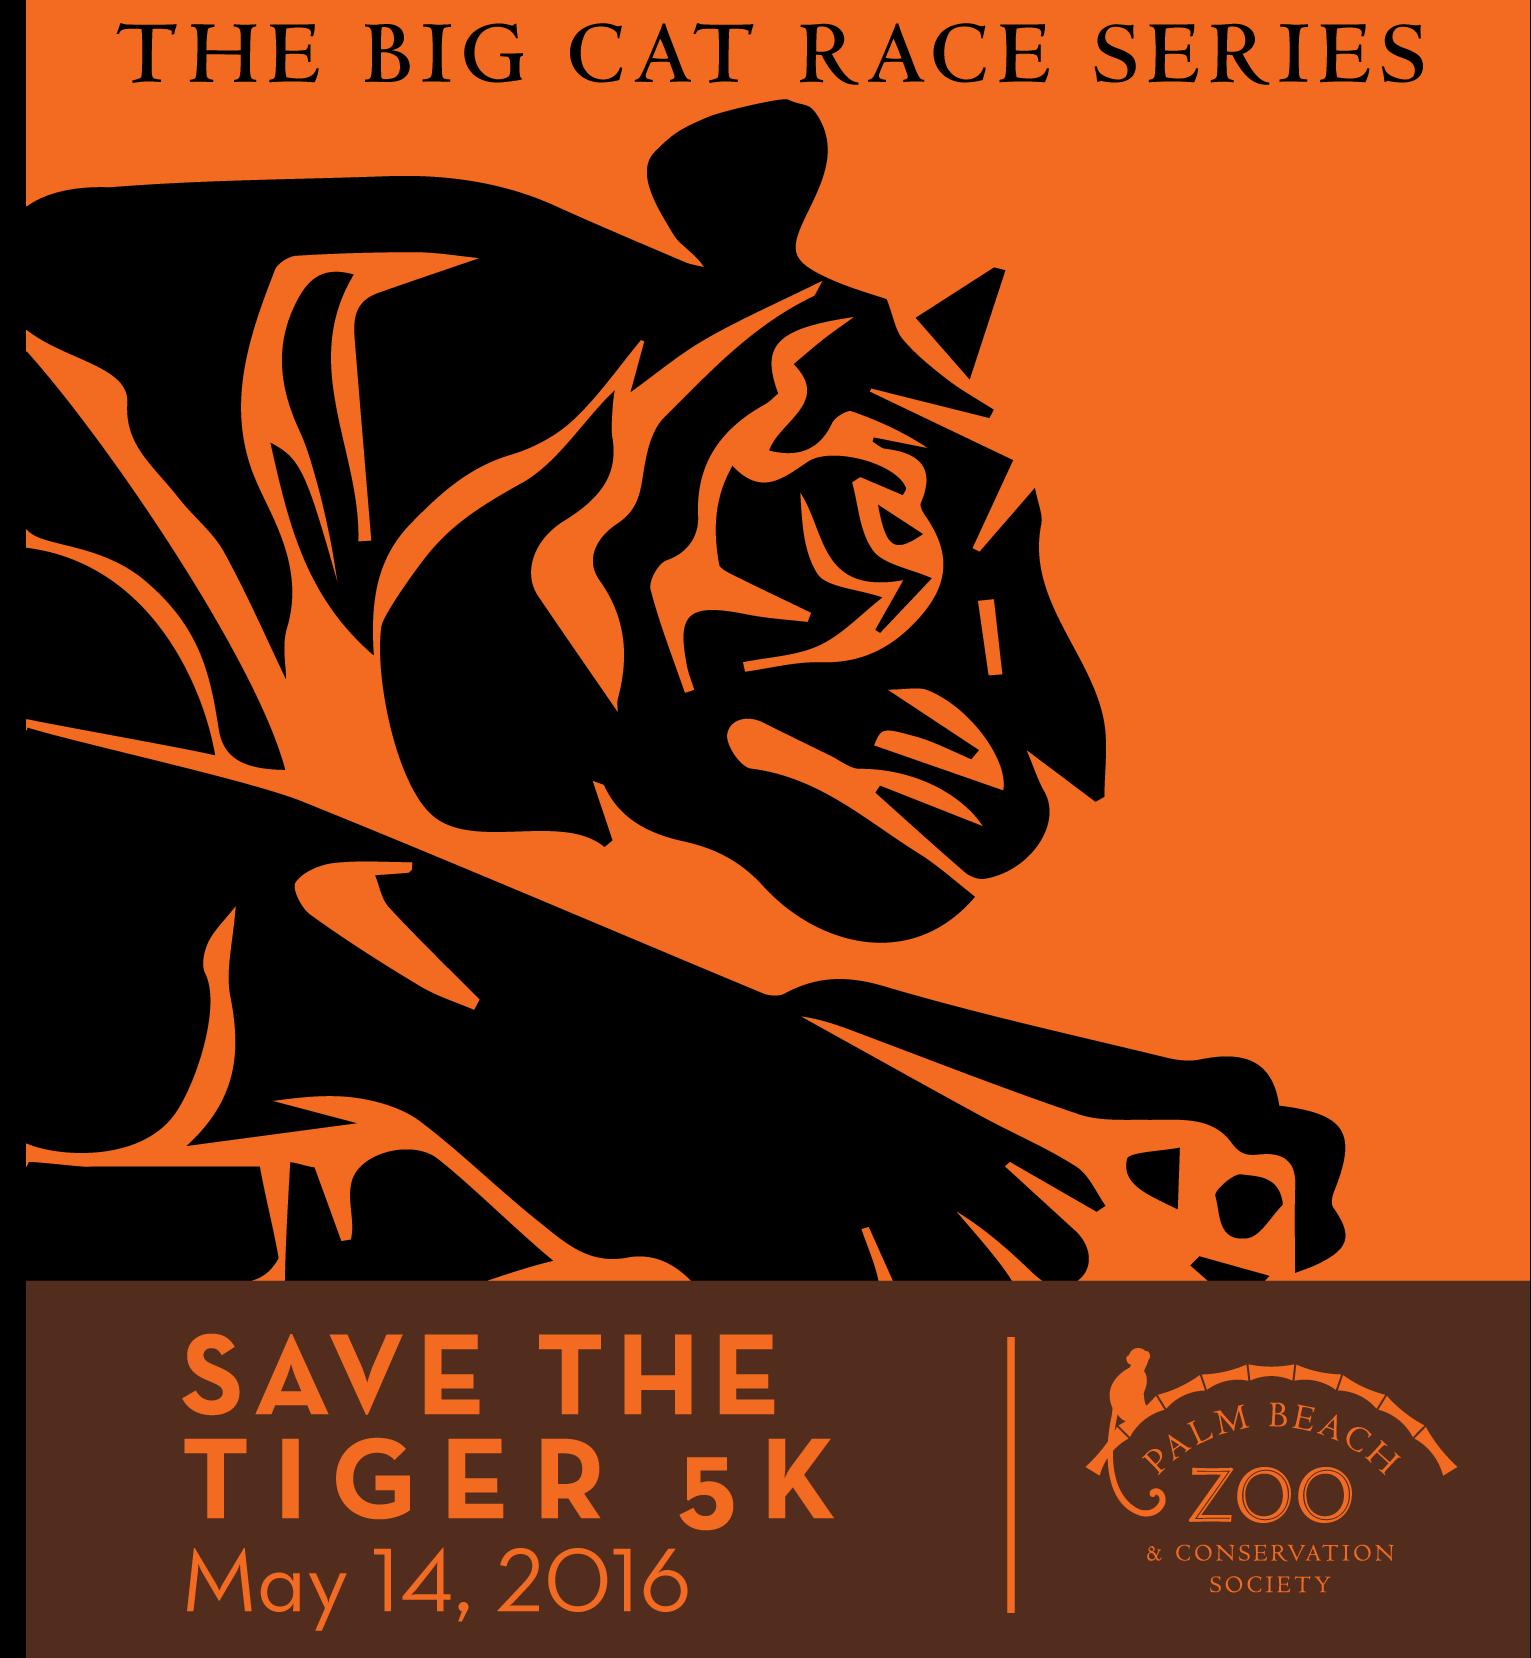 Run Or Walk To Help Save The Malayan Tiger The Malayan Tiger Is